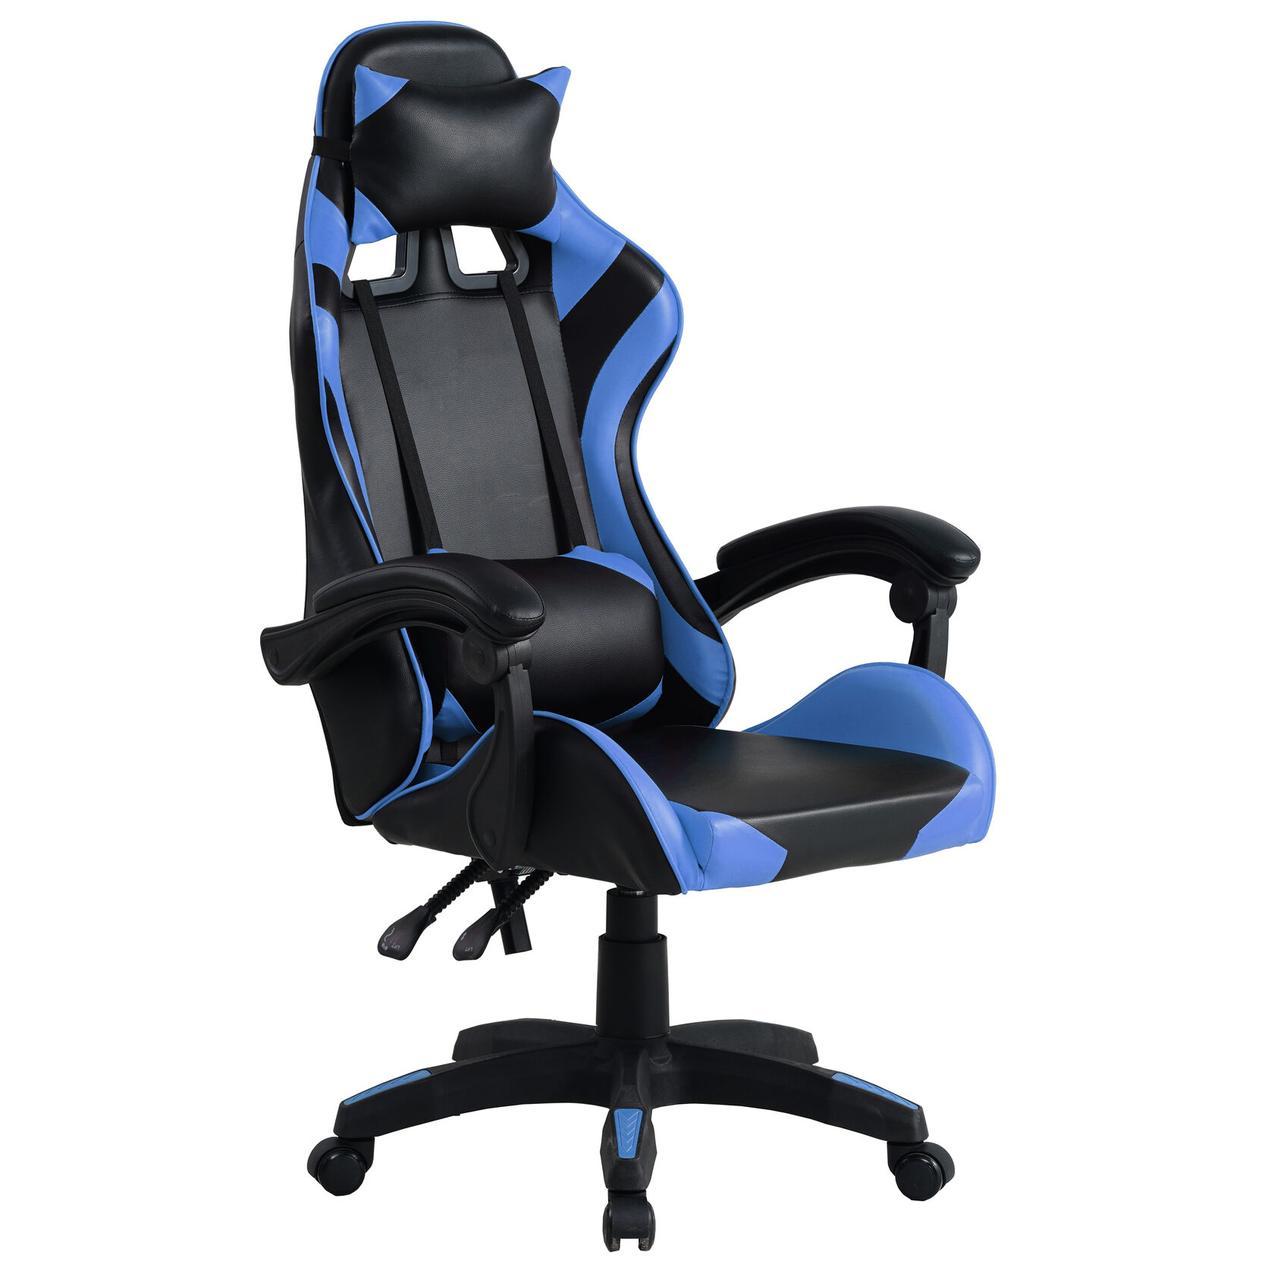 Крісло офісне комп'ютерне ігрове Pro Gamer Jaguar Чорно-Синє